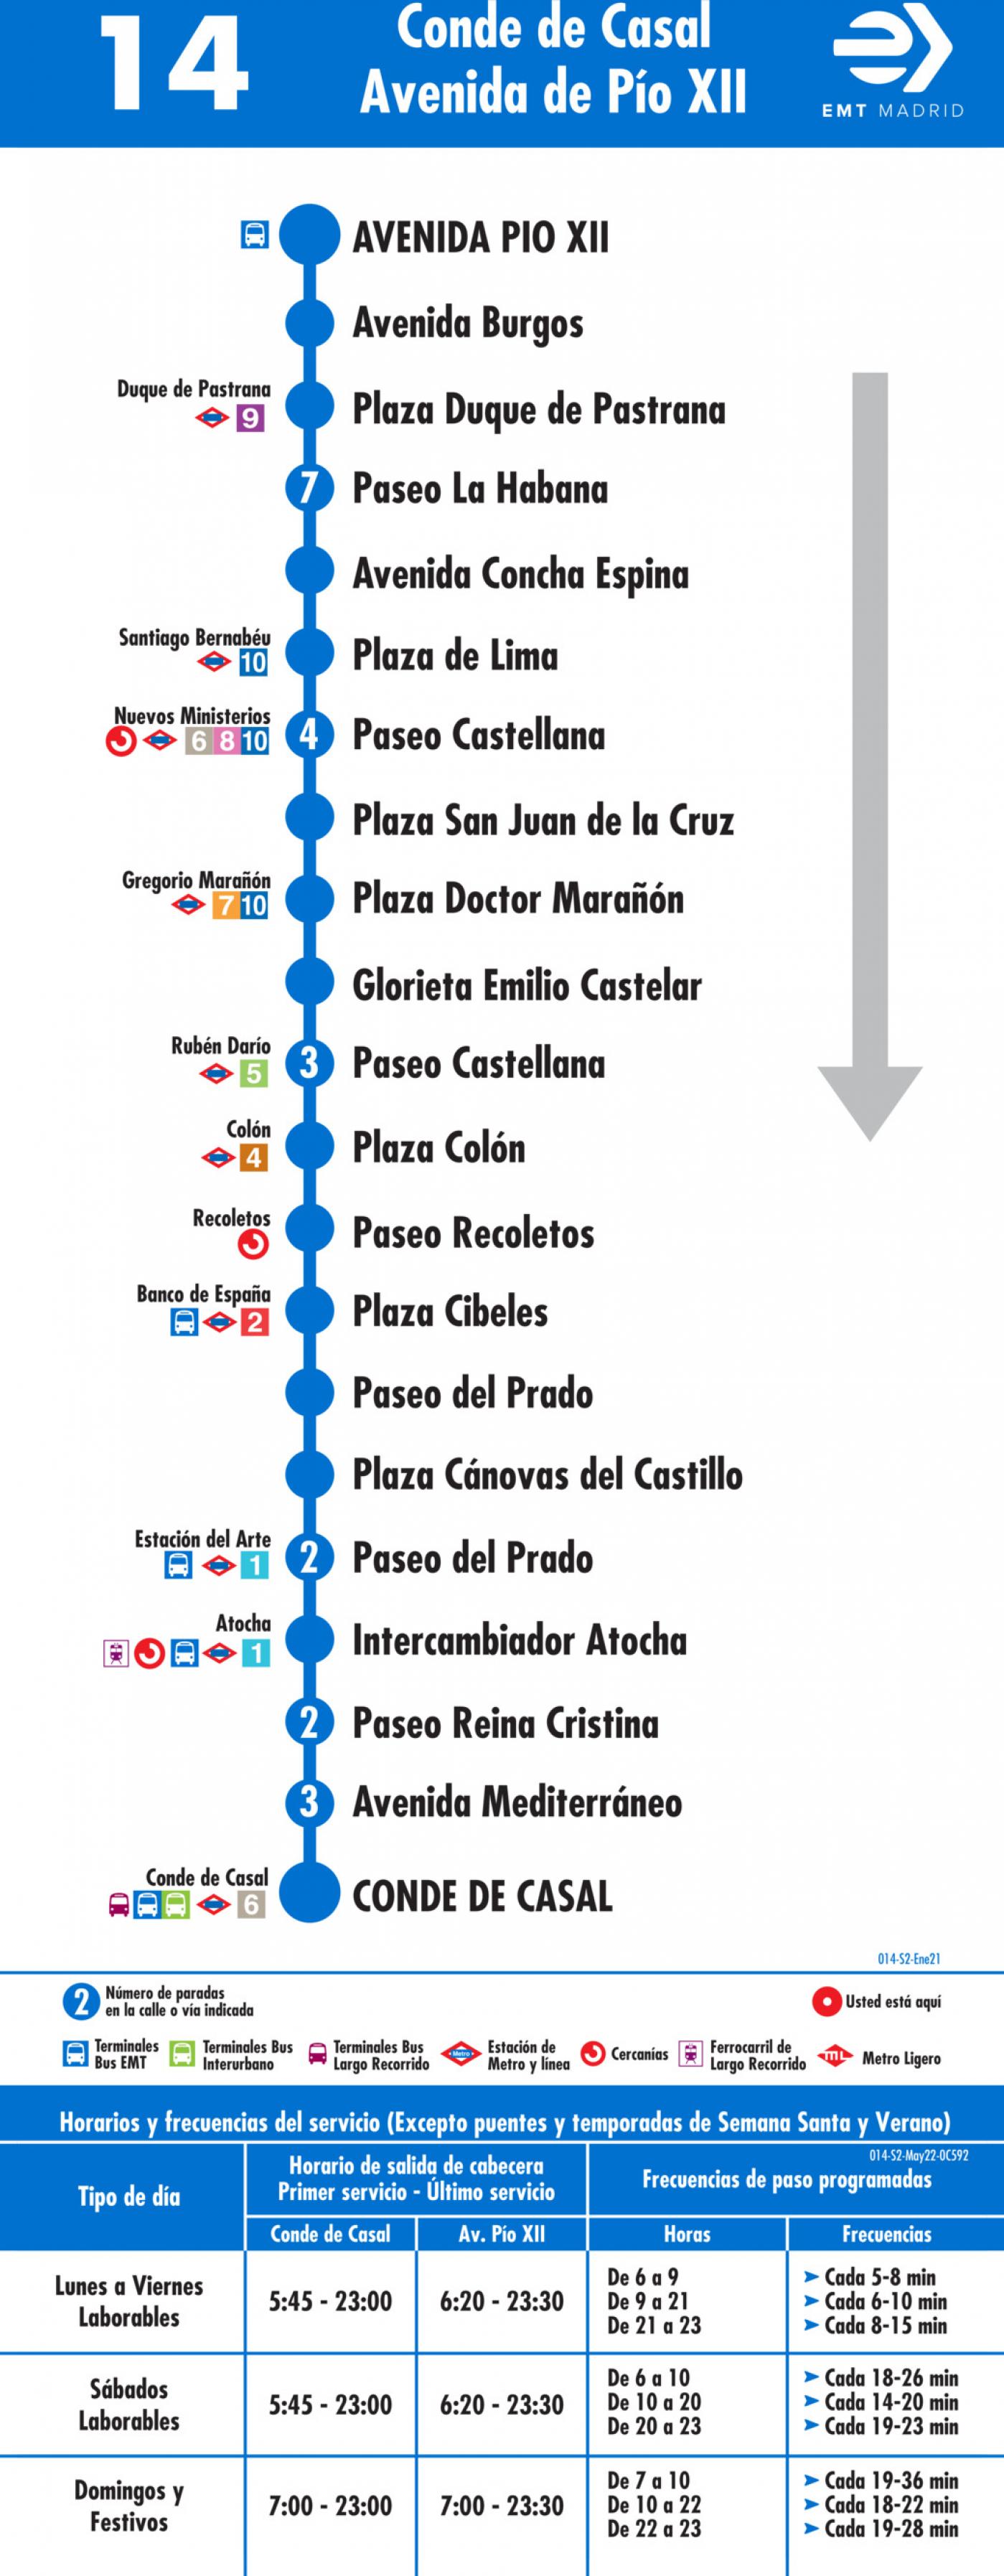 Tabla de horarios y frecuencias de paso en sentido vuelta Línea 14: Plaza del Conde de Casal - Avenida de Pío XII